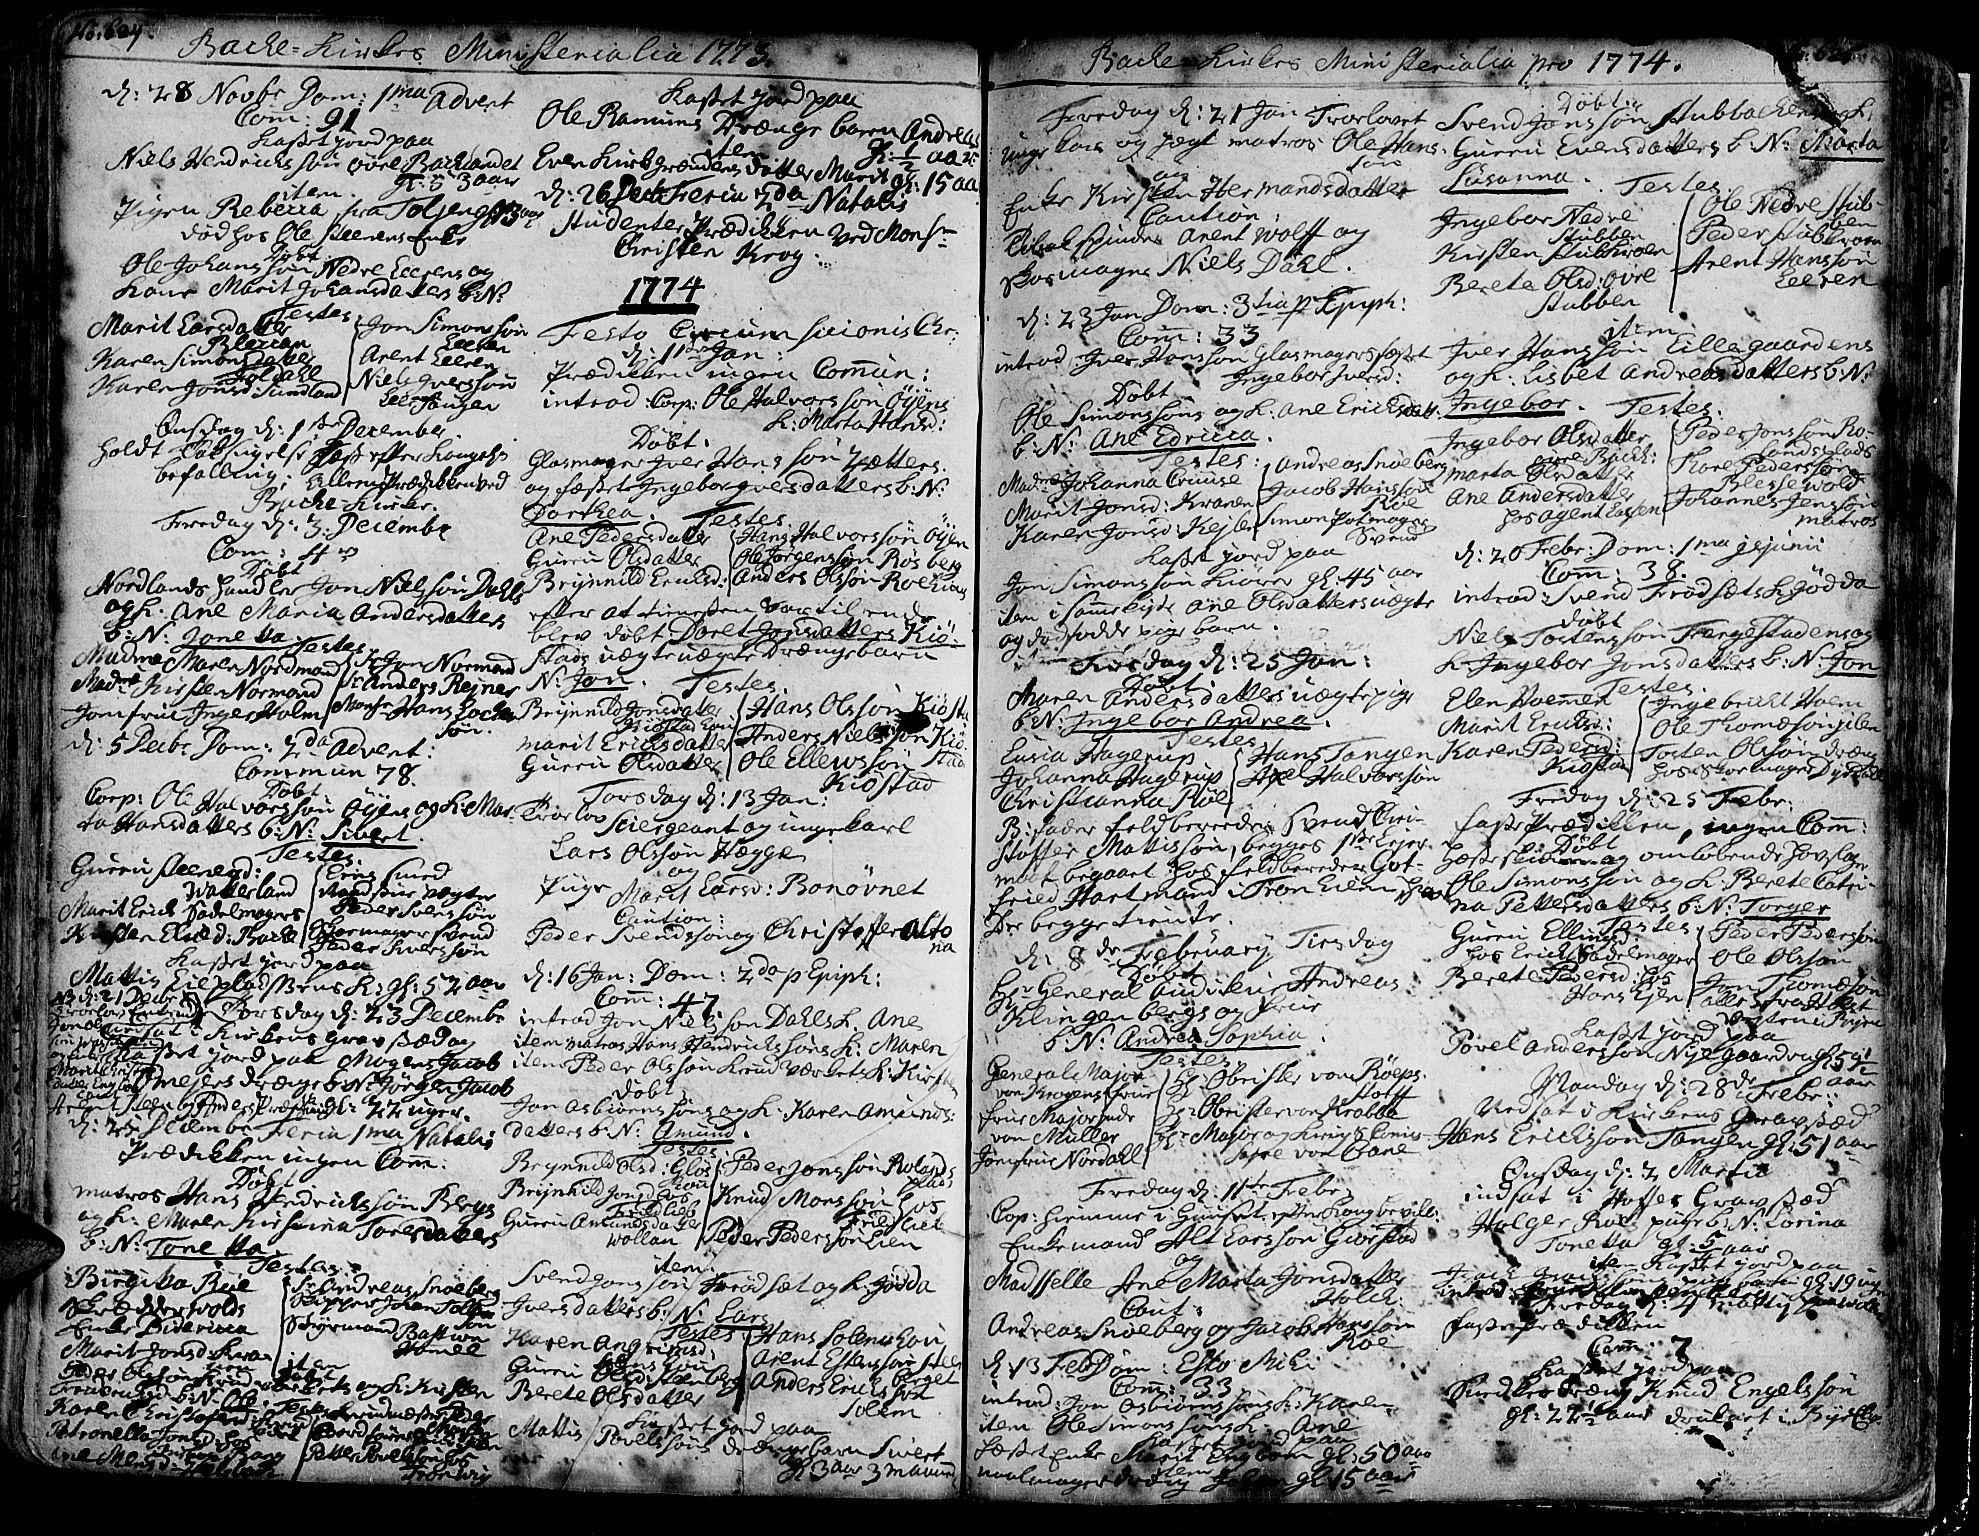 SAT, Ministerialprotokoller, klokkerbøker og fødselsregistre - Sør-Trøndelag, 606/L0276: Ministerialbok nr. 606A01 /2, 1727-1779, s. 624-625